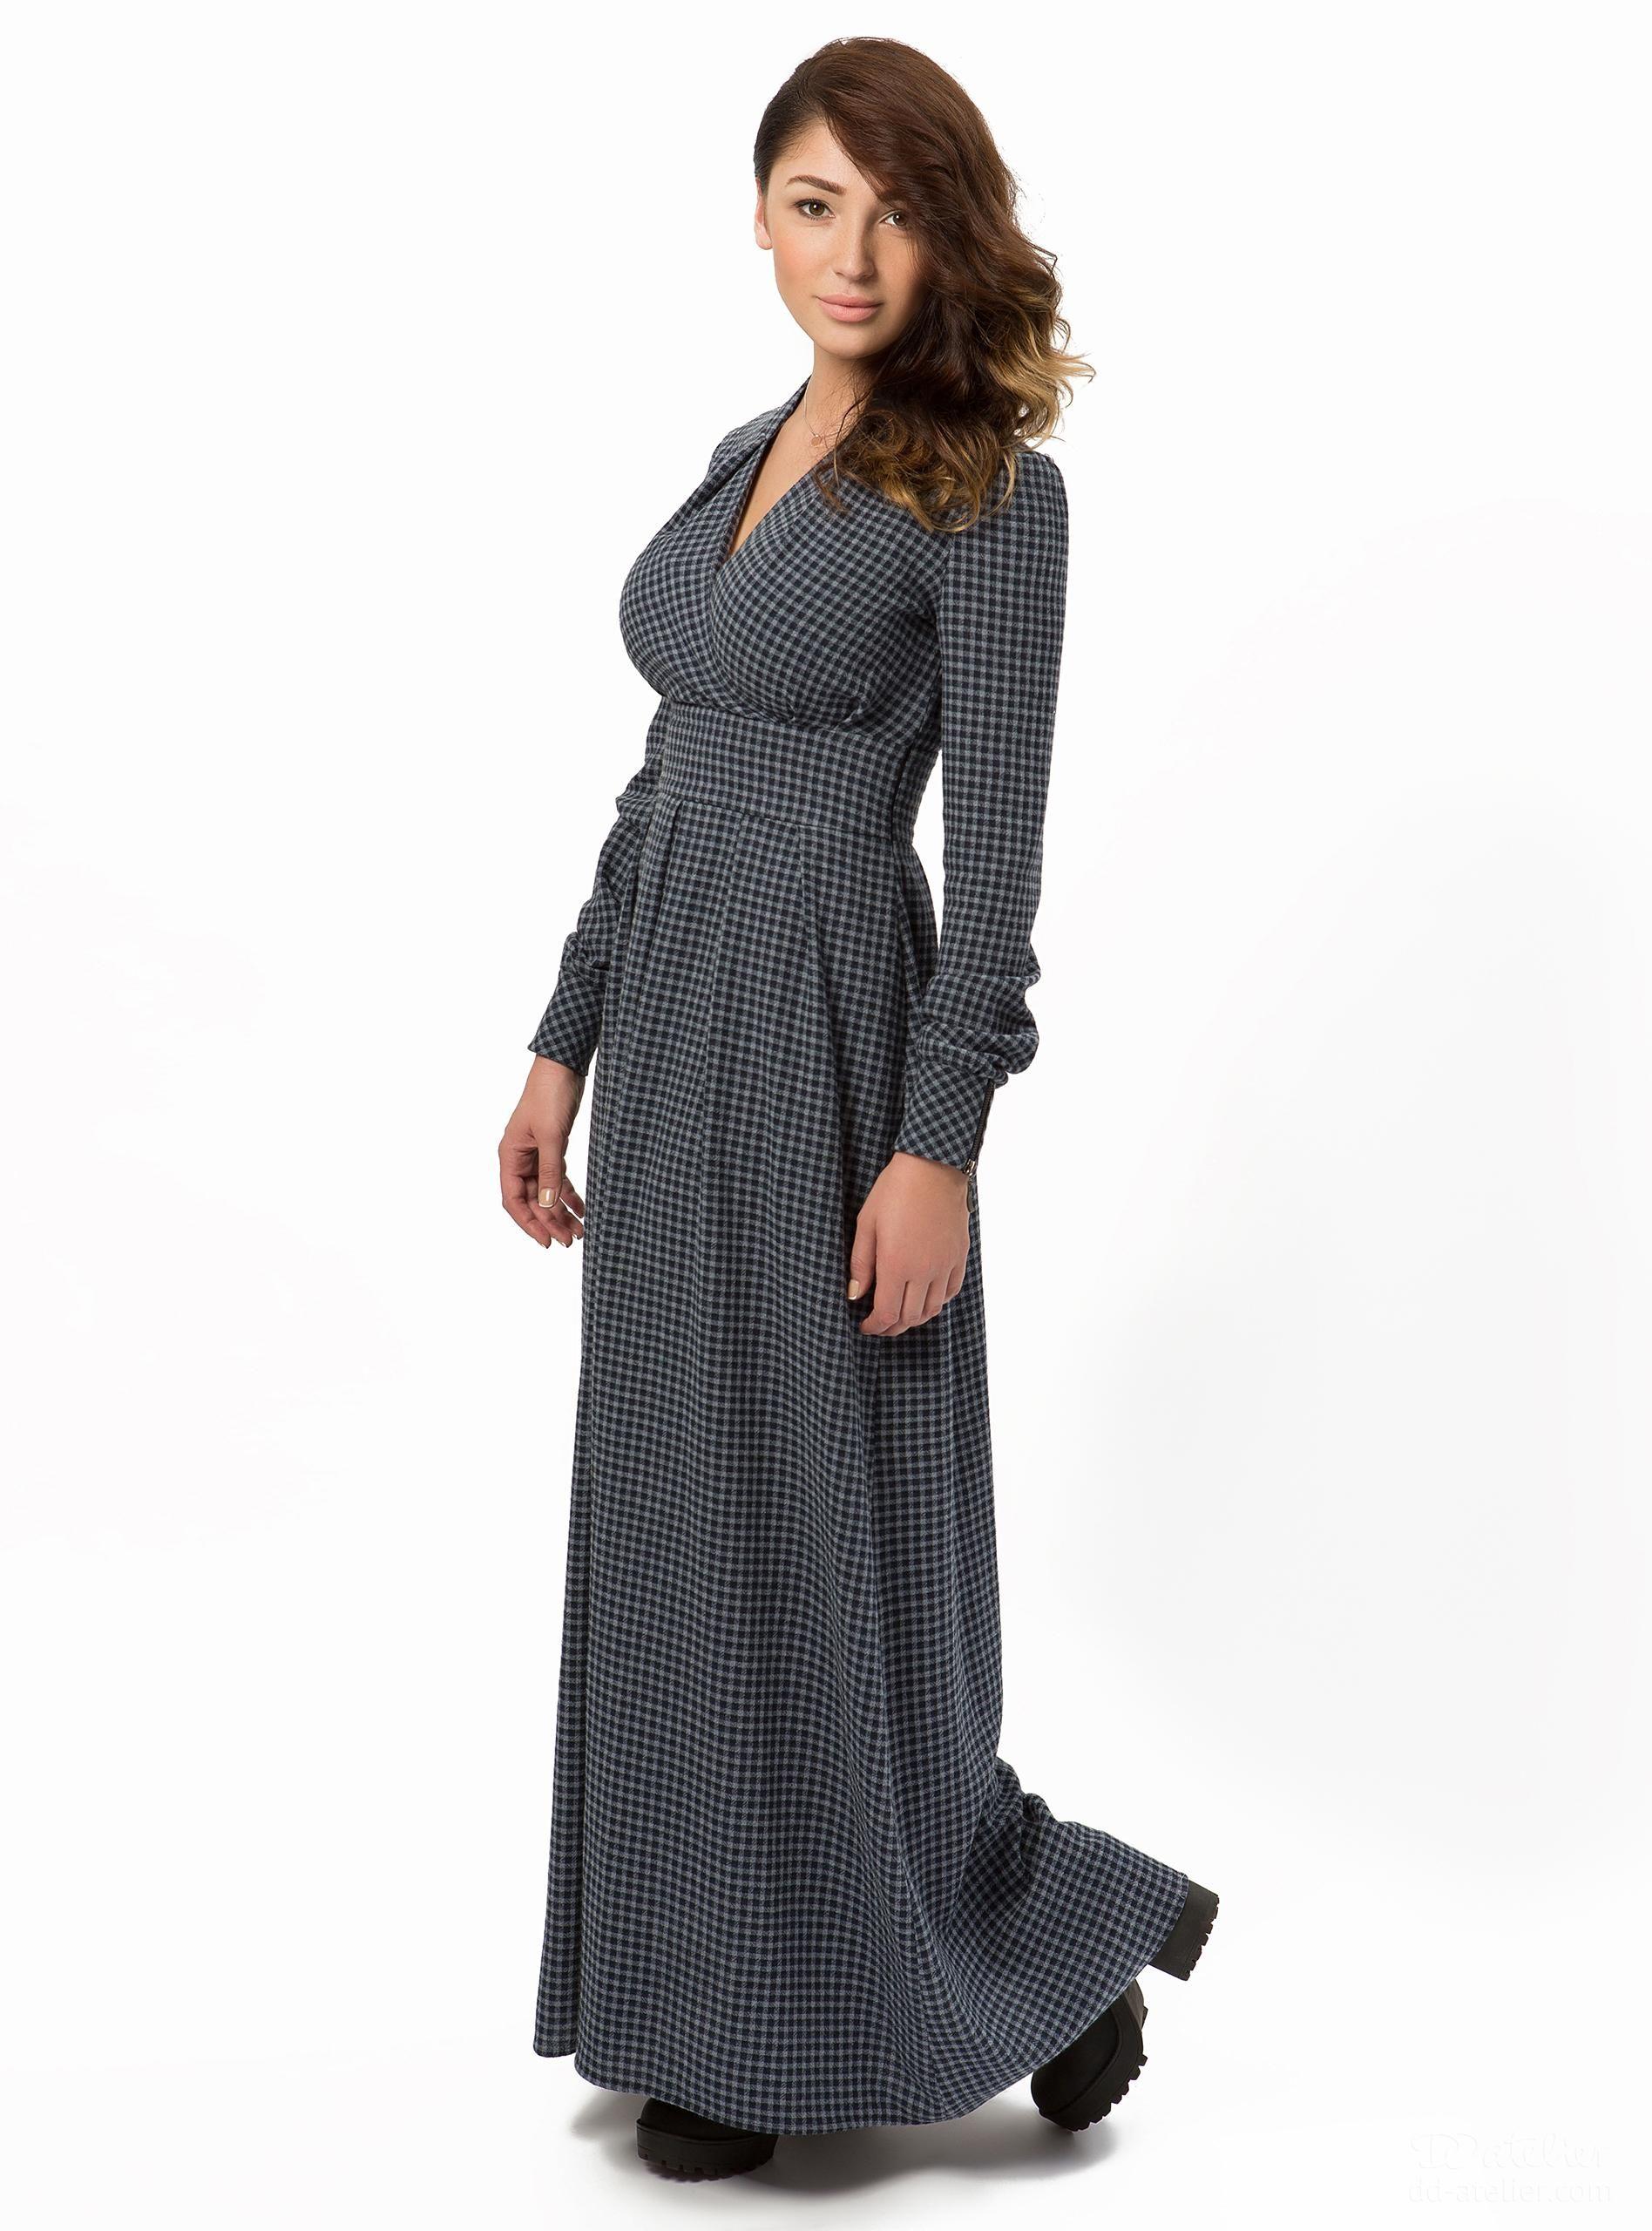 Maxi Dress Francesca 1 279 For A Big Bust Maxi Dress Big Bust Fashion Dresses [ 2560 x 1896 Pixel ]